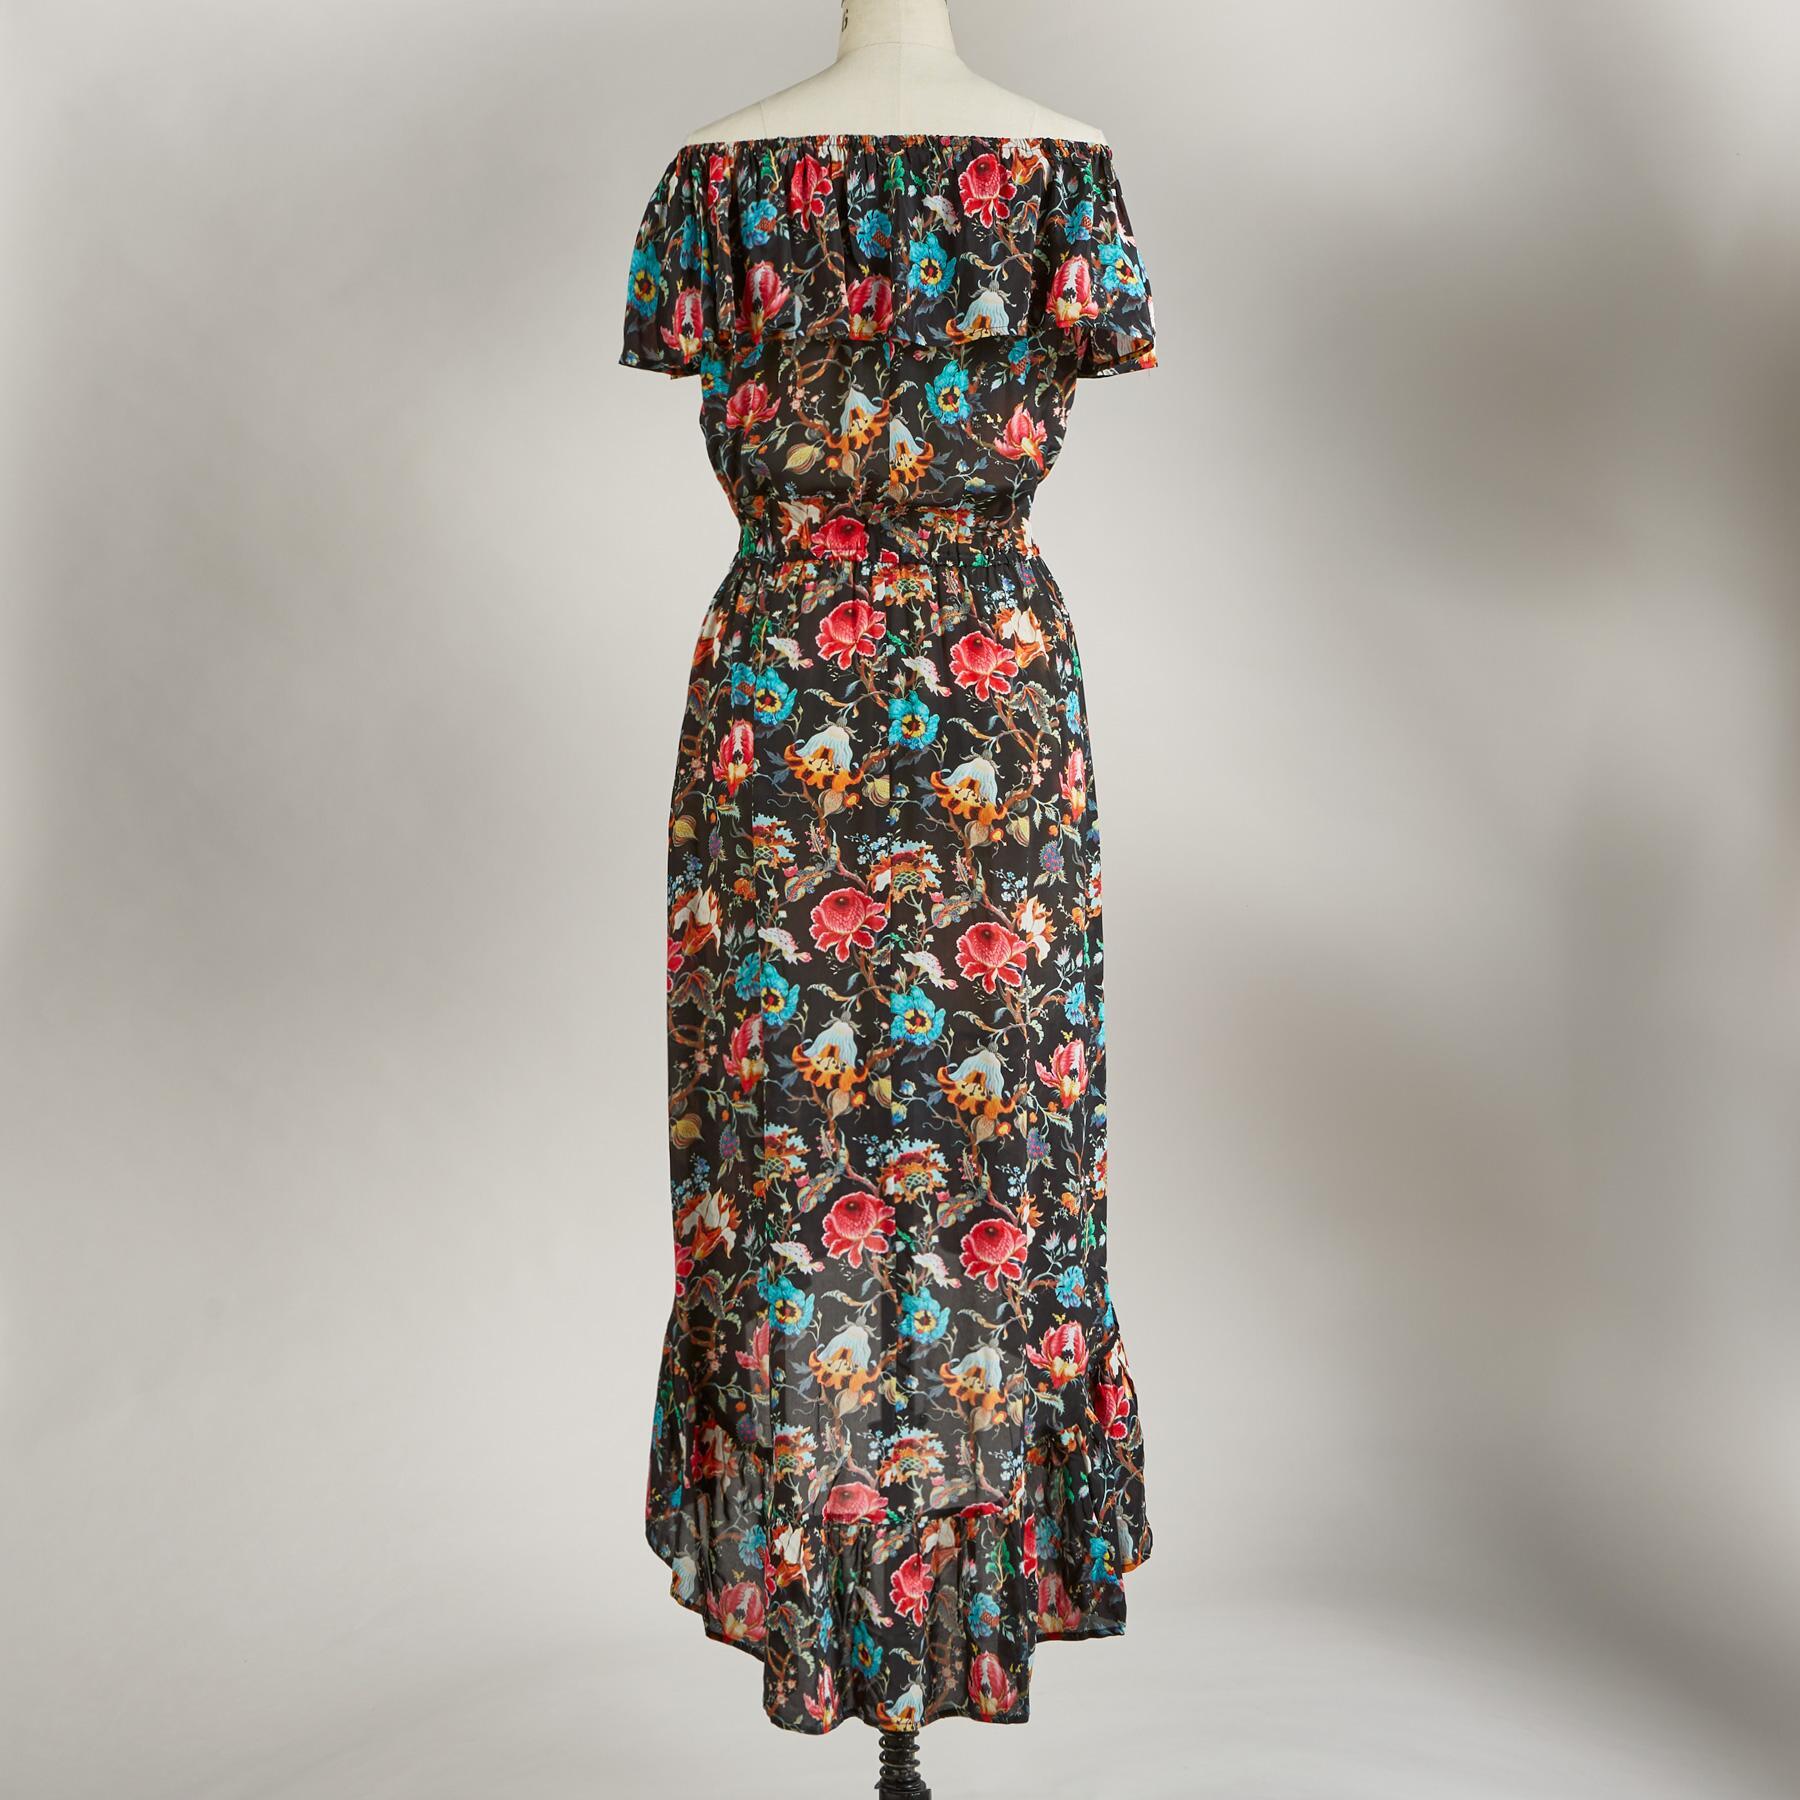 CALYPSO ROSE DRESS: View 2